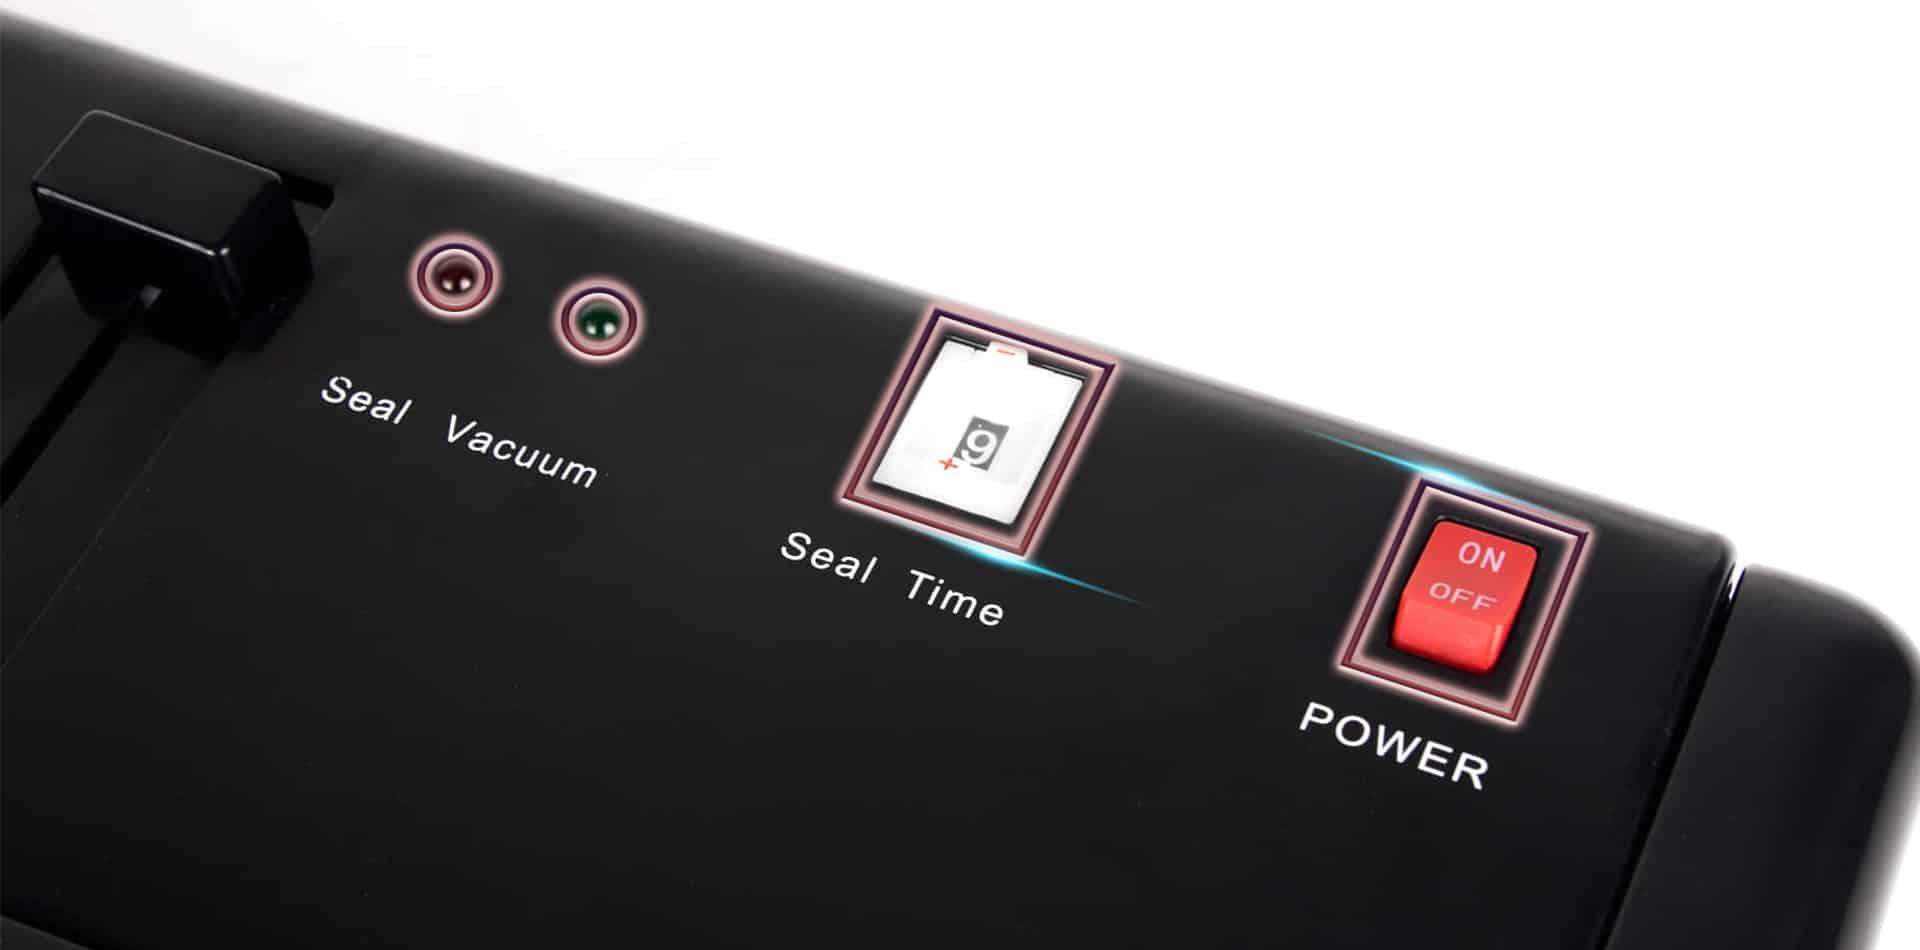 vc-lee rất dễ sử dụng với hệ thống nút ấn đơn giản